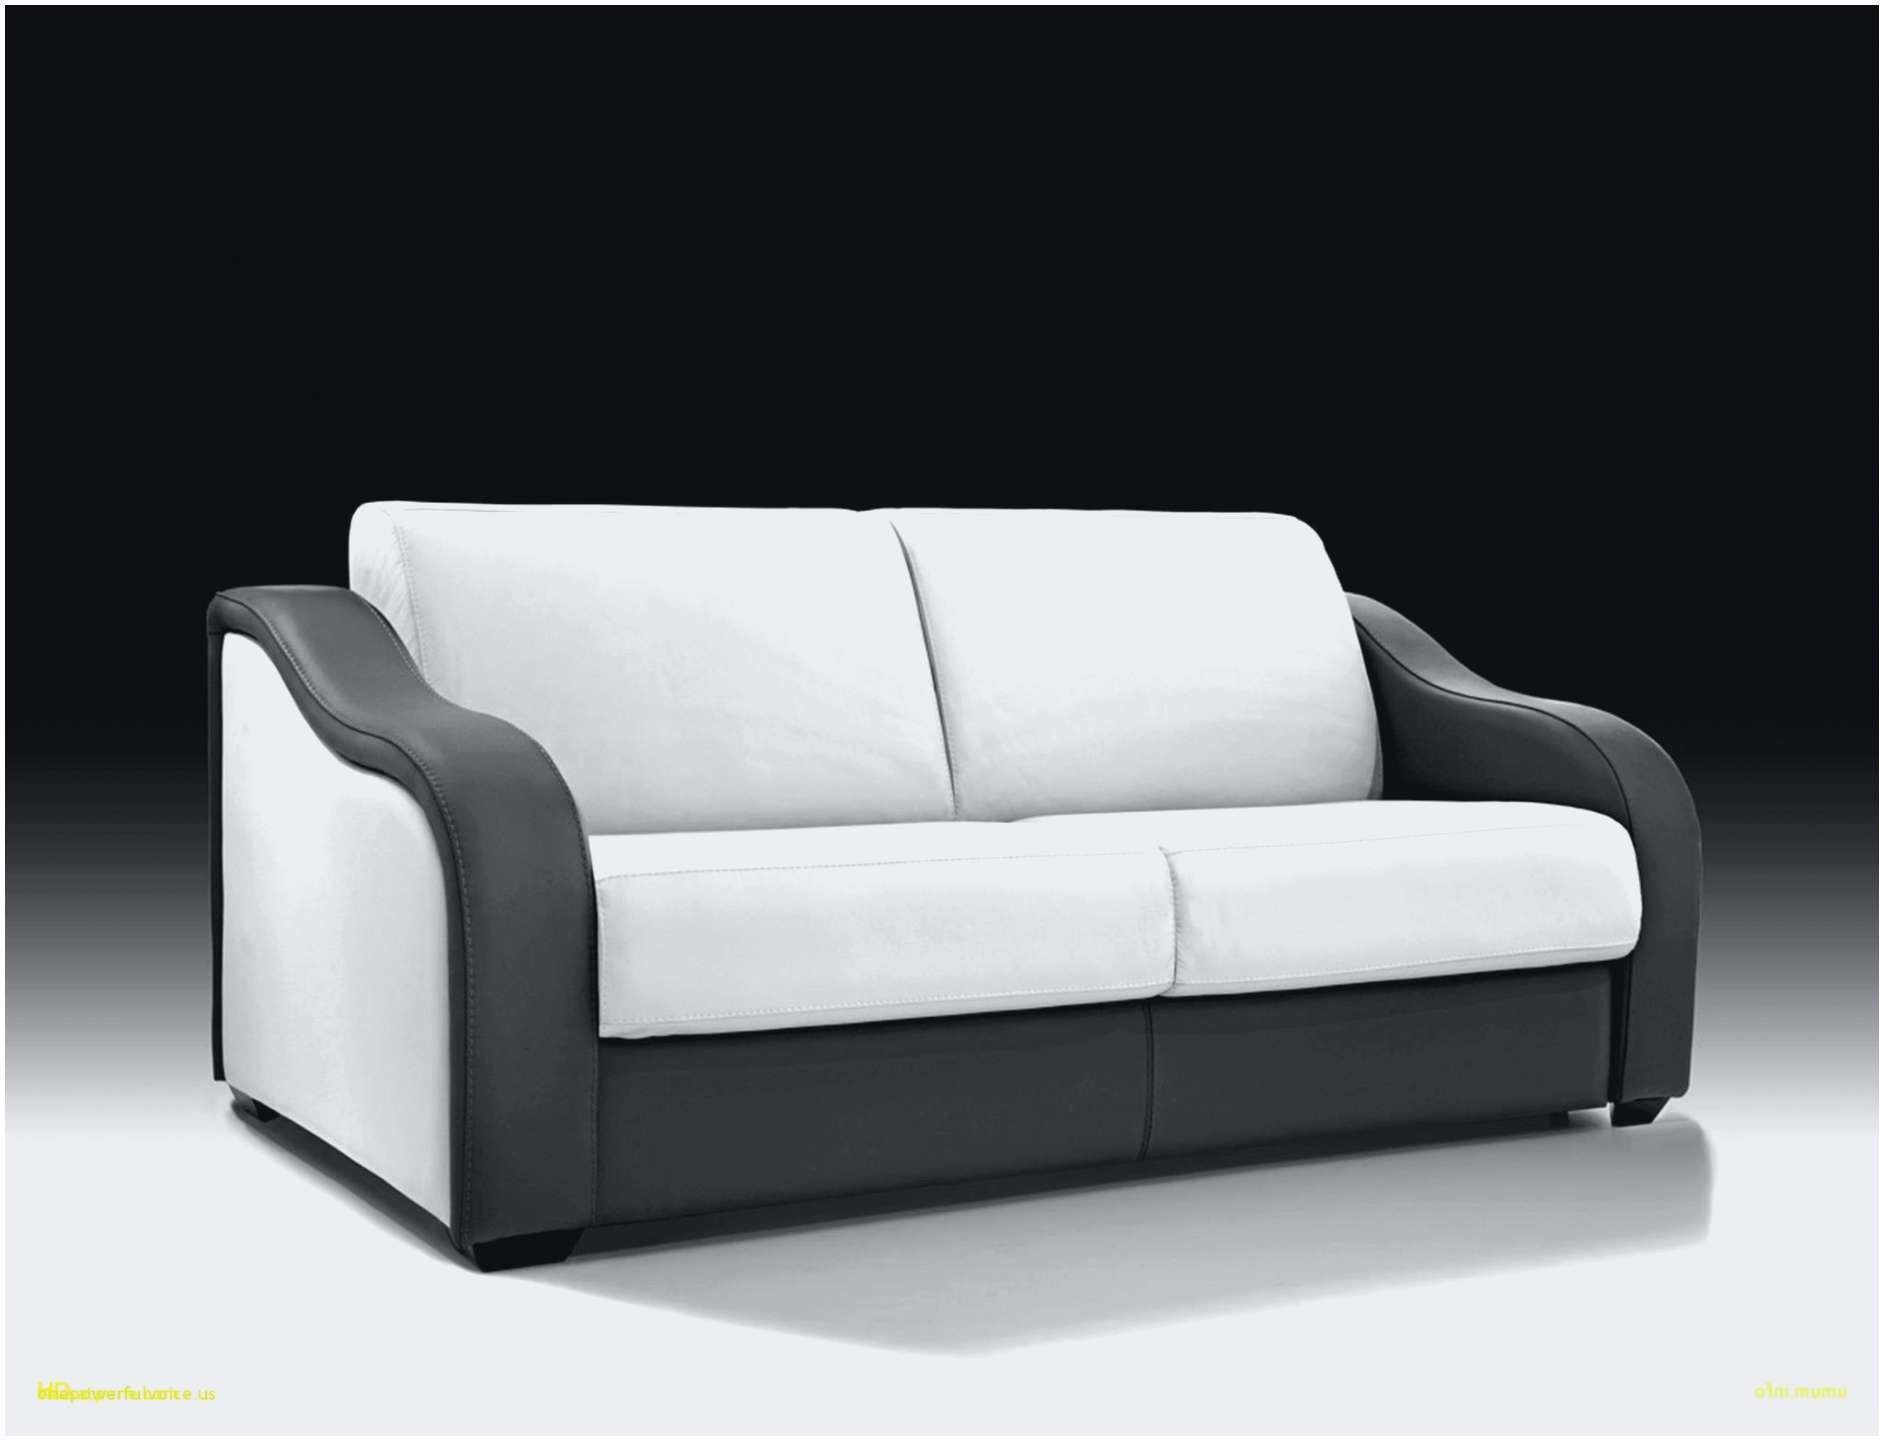 Lit Escamotable Canapé Ikea Inspiré Impressionnant Canapé Italien Direct Usine — Puredebrideur Pour